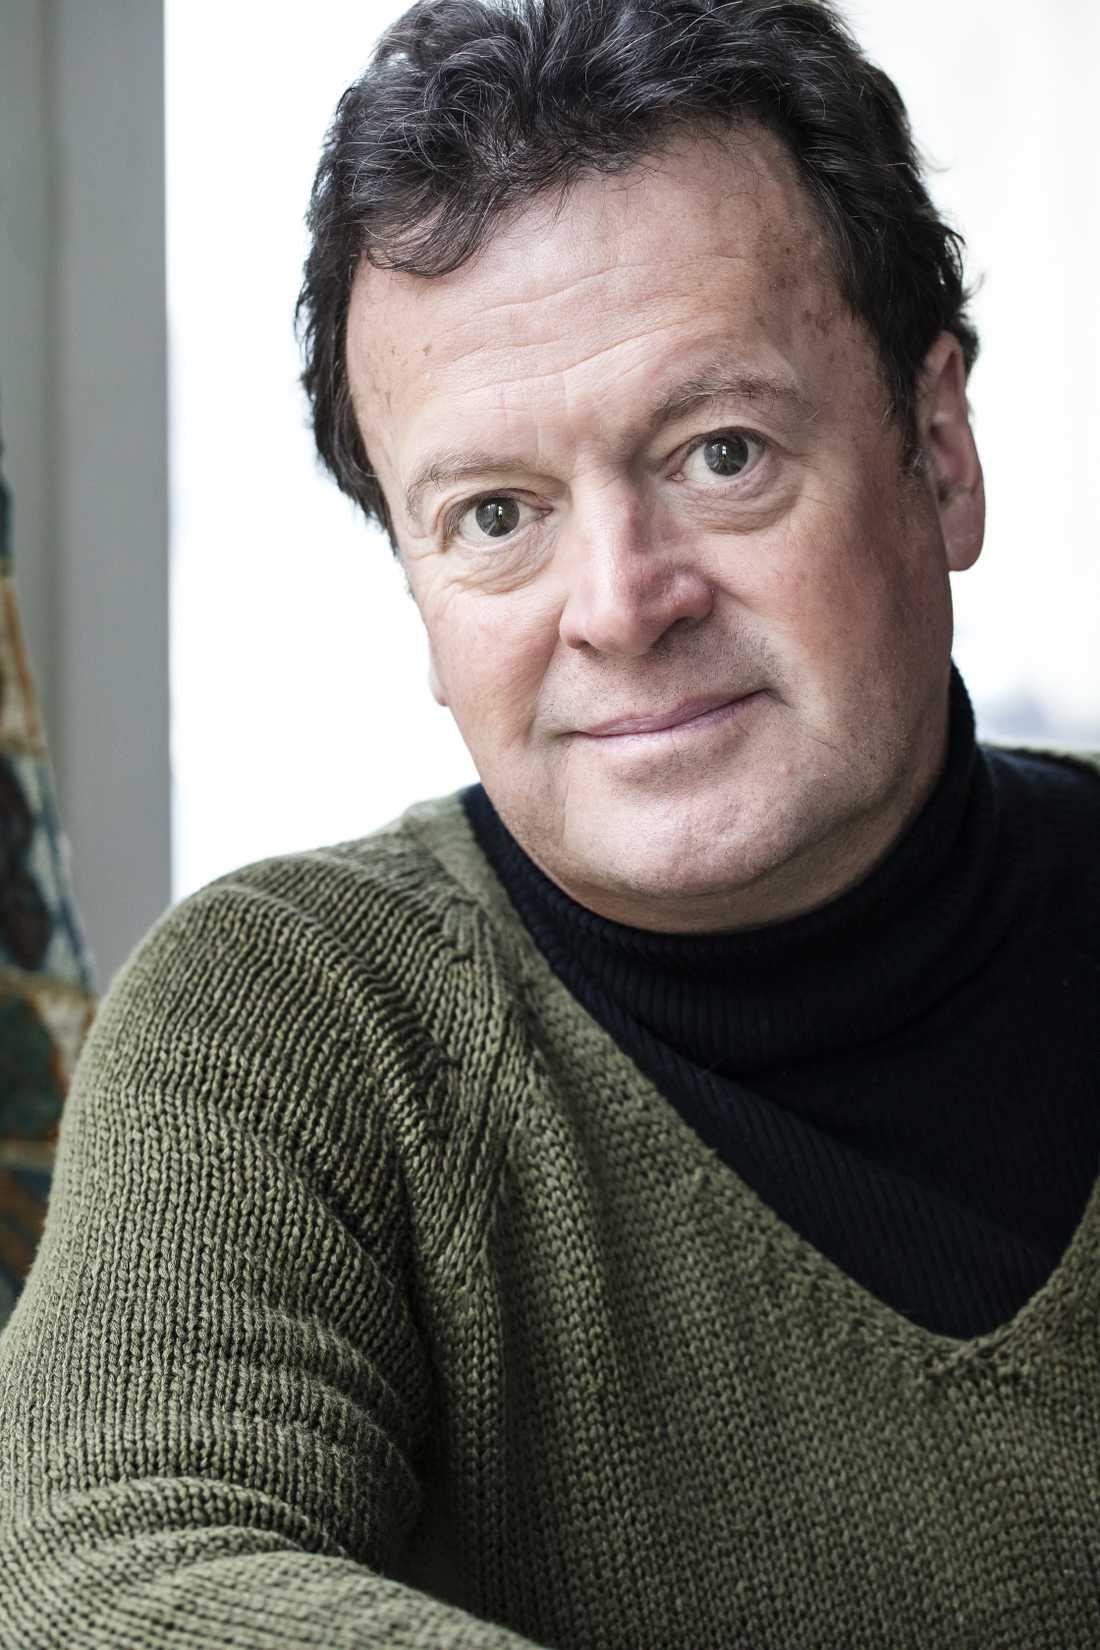 """Författaren Fredrik Ekelund (född 1953)berättar i boken """"Q"""" självutlämnande om sitt liv som transvestit."""